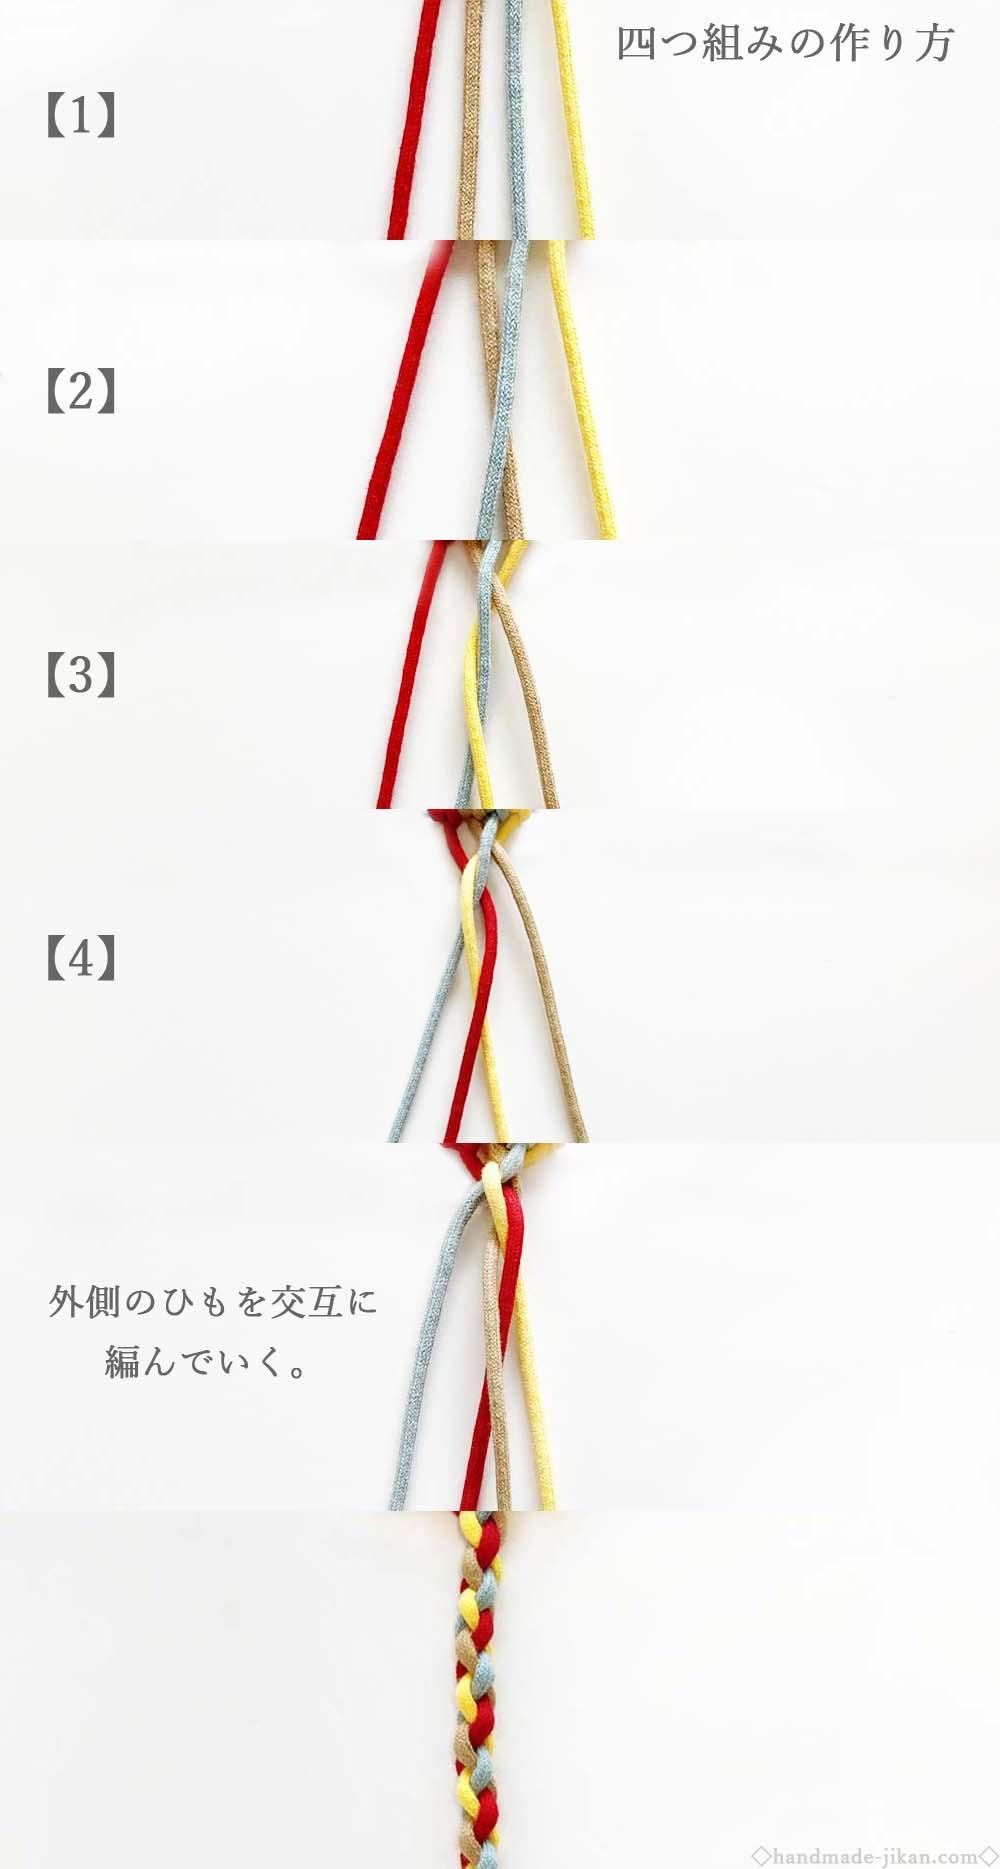 四つ組みの編み方